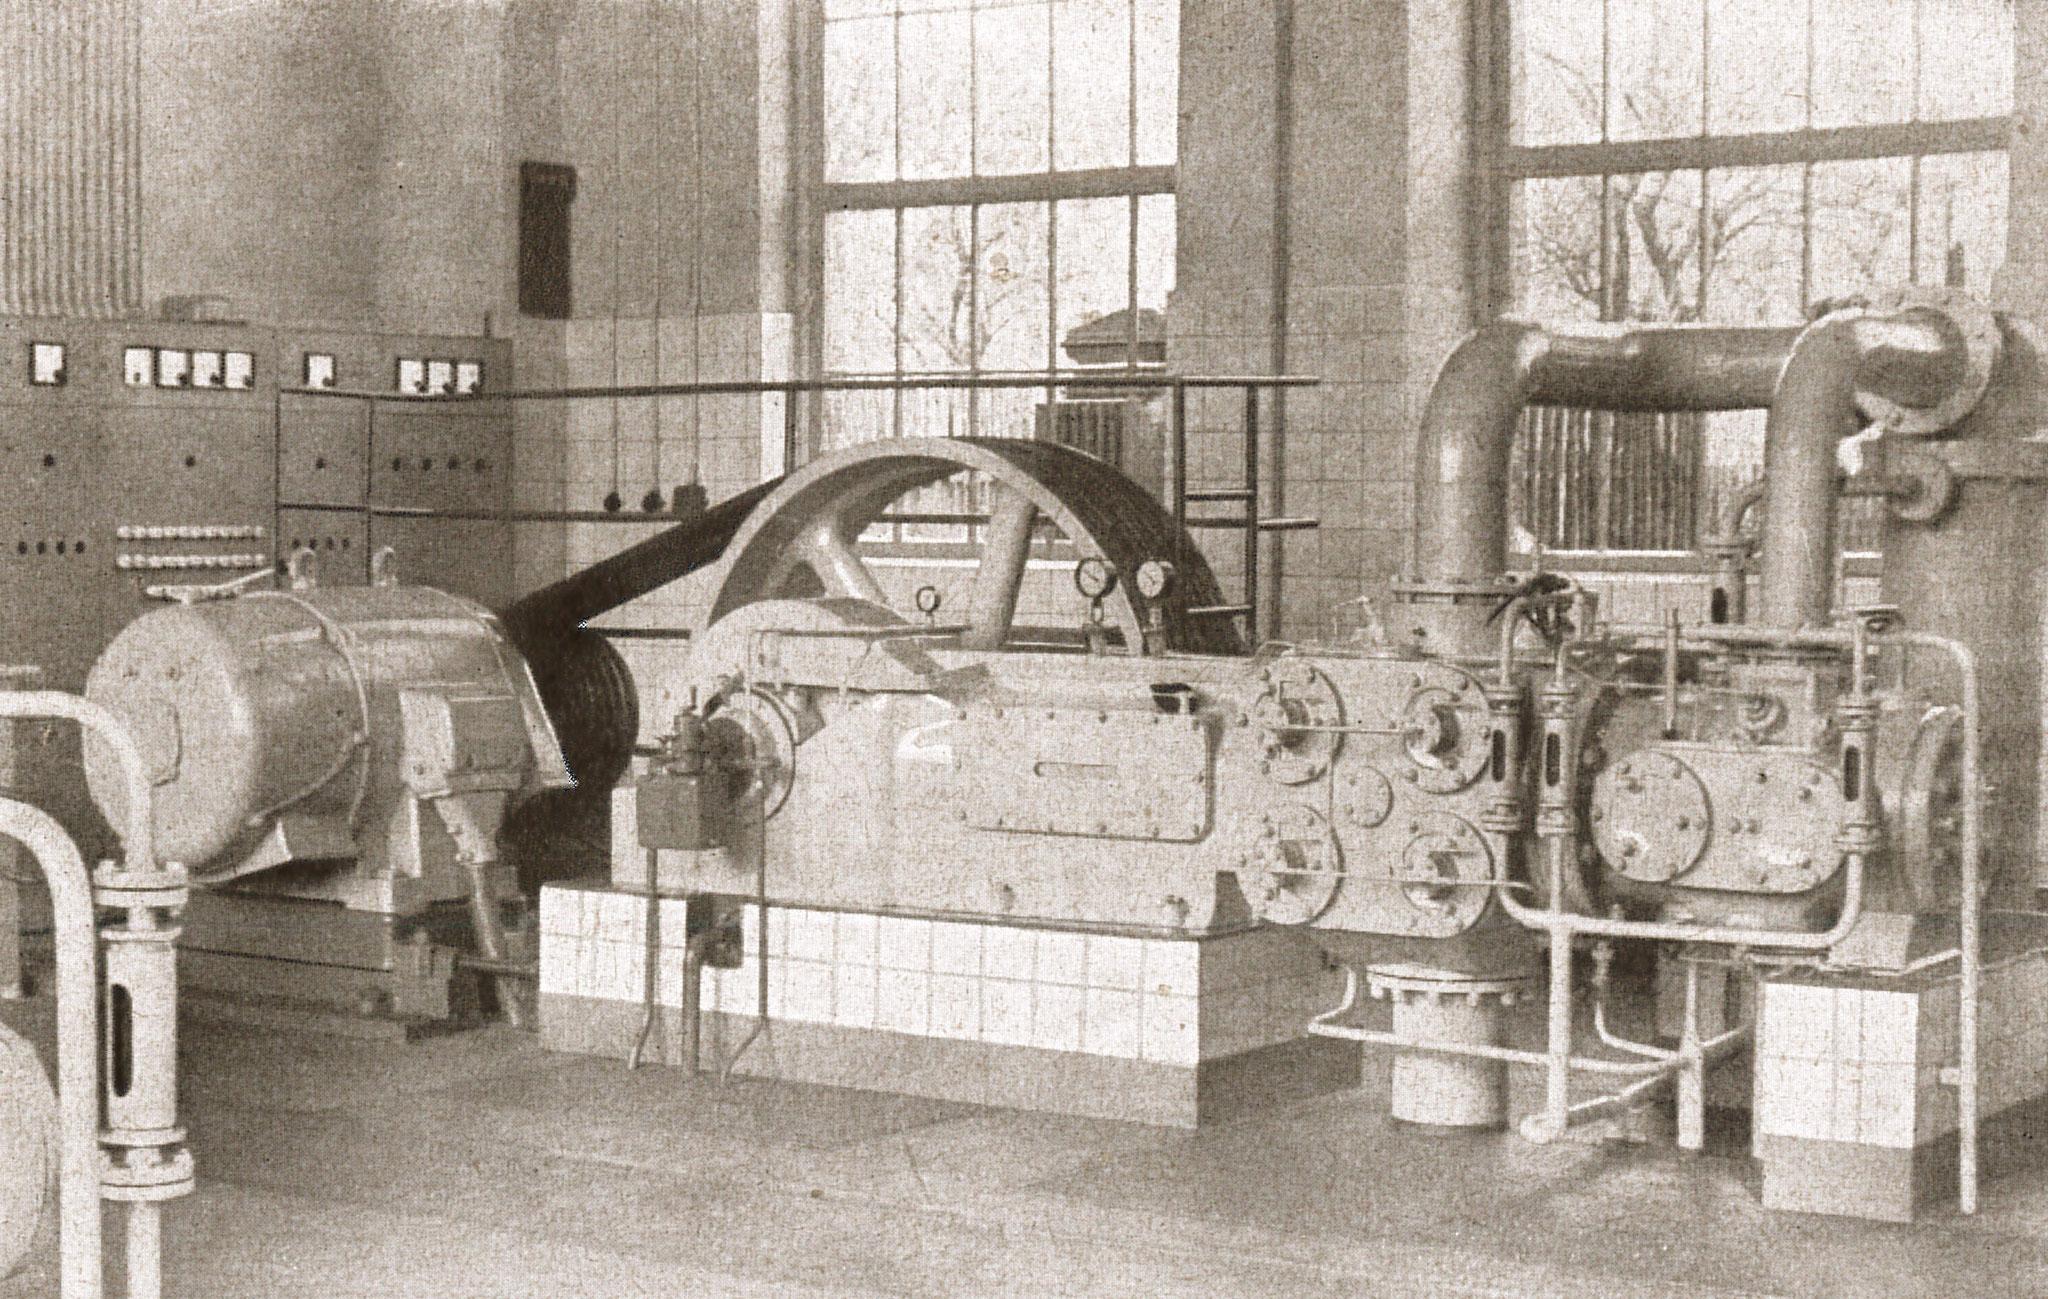 """Kompressorenanlage in der Kompressorhalle am Ostende des Werkes (Quelle: """"50 Jahre RAW, 50 Jahre Arbeiterbewegung"""", Zwickau, 1958)"""